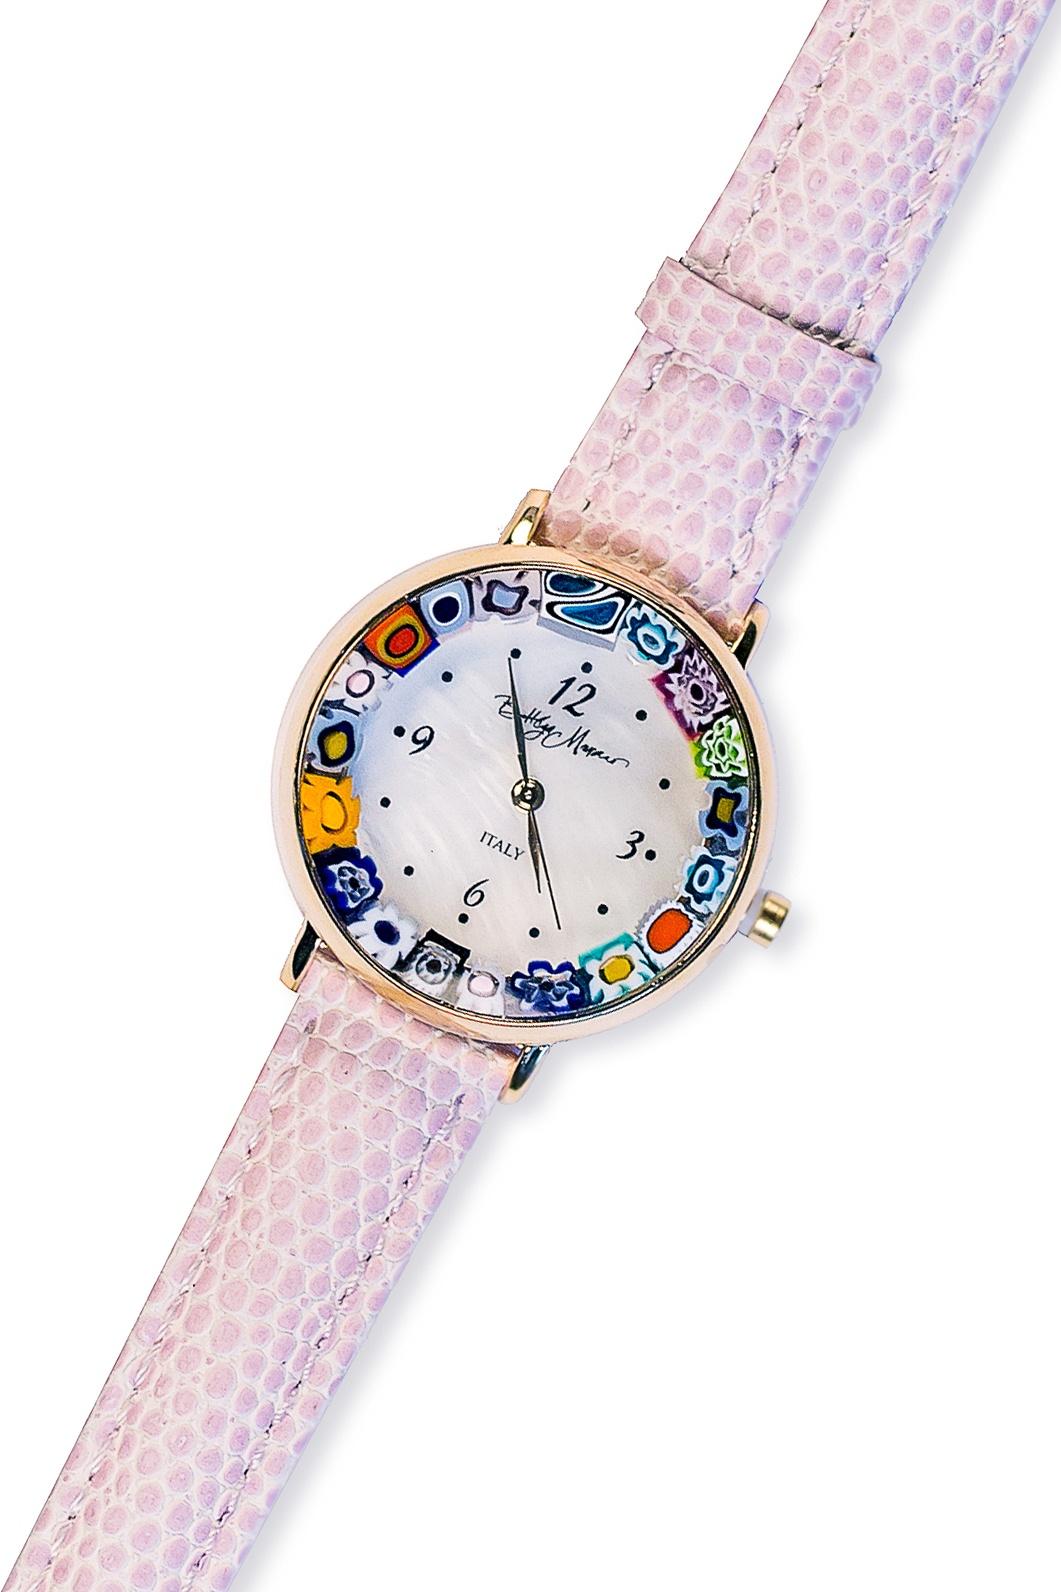 Часы Боттега Мурано 09080701 B13, сиреневый09080701 B13Часы Bottega Murano с муранским стеклом ручной работы. Новая коллекция фирменных часов Bottega Murano с циферблатом Millefiori – это полезный аксессуар и яркое украшение.